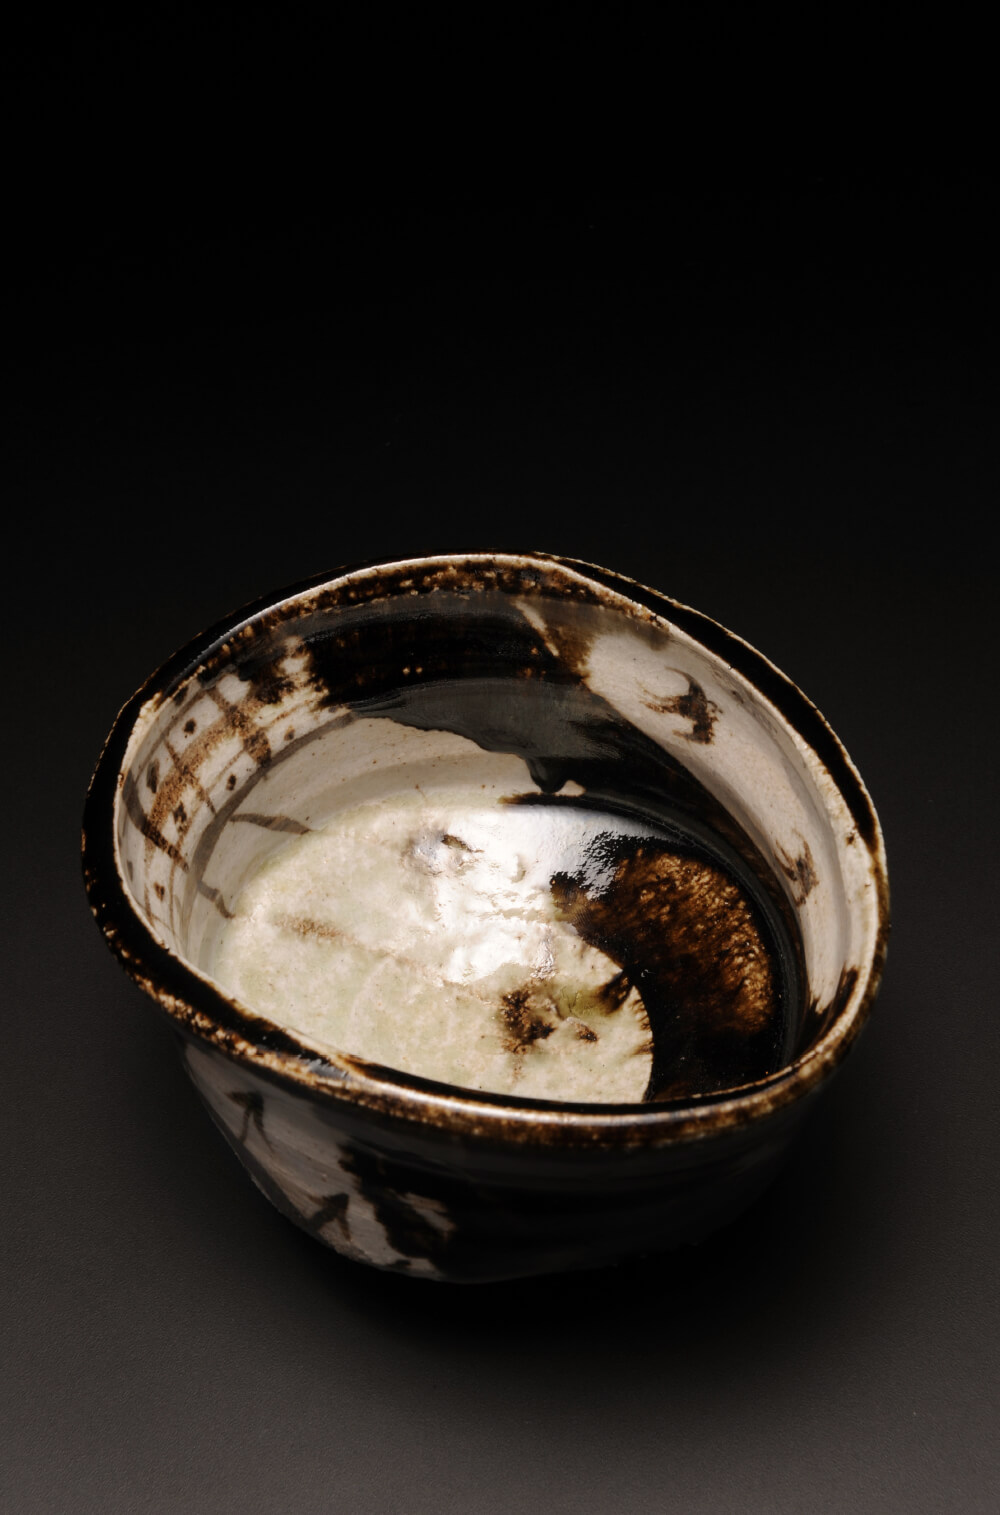 2015年9月12日から開催の「織部の息吹 寺田 鉄平 陶展」の作品1を上から見た写真1